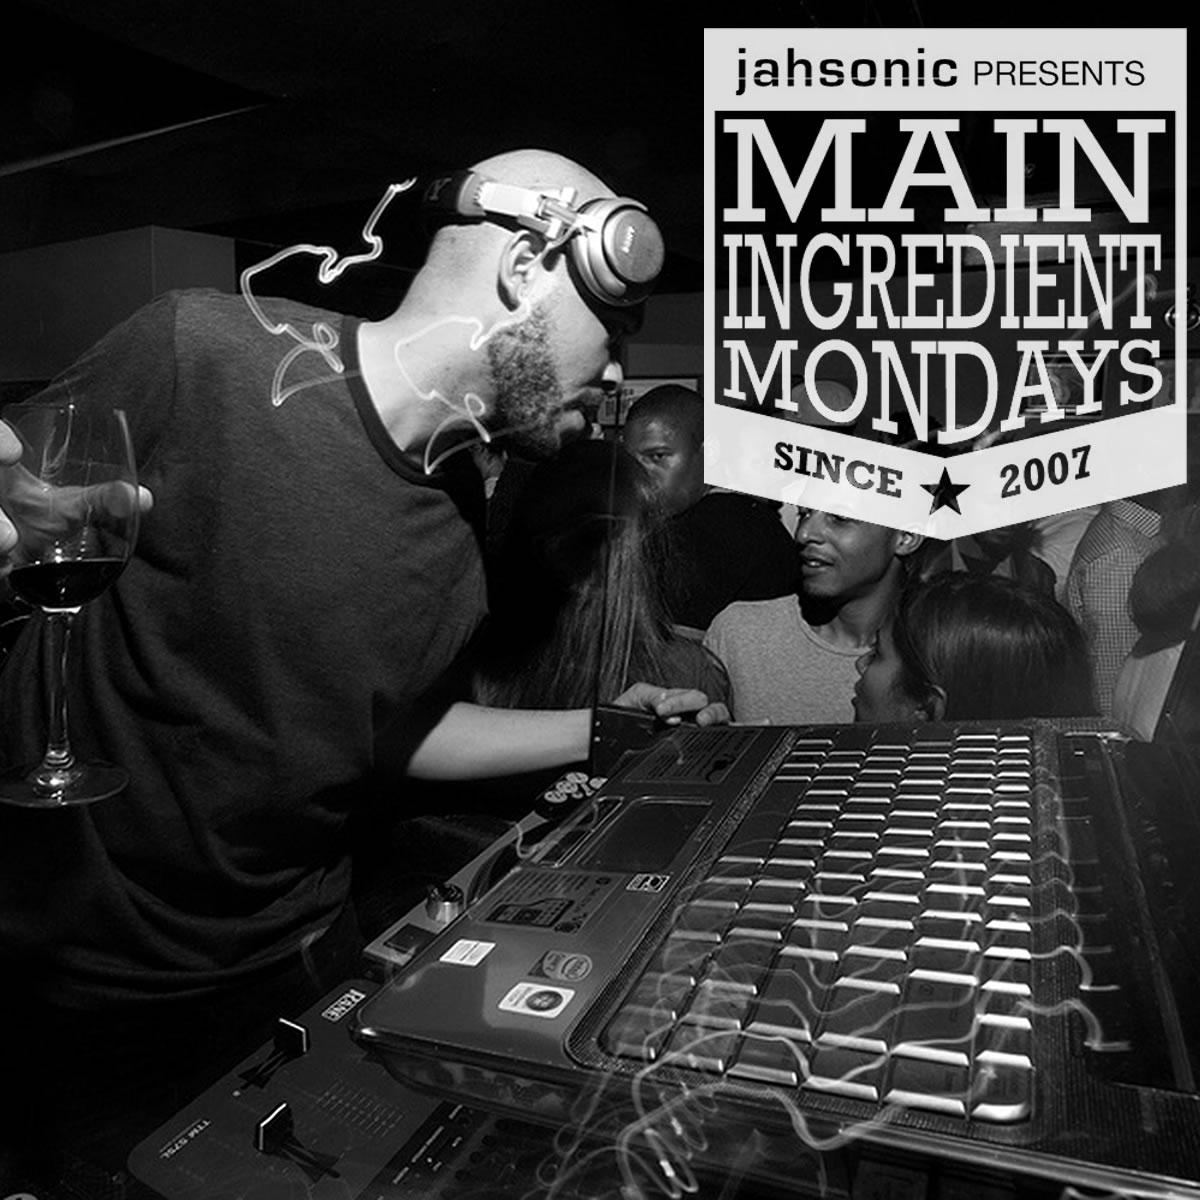 DJ Stylus at Main Ingredient Monday, Mon. 7/9